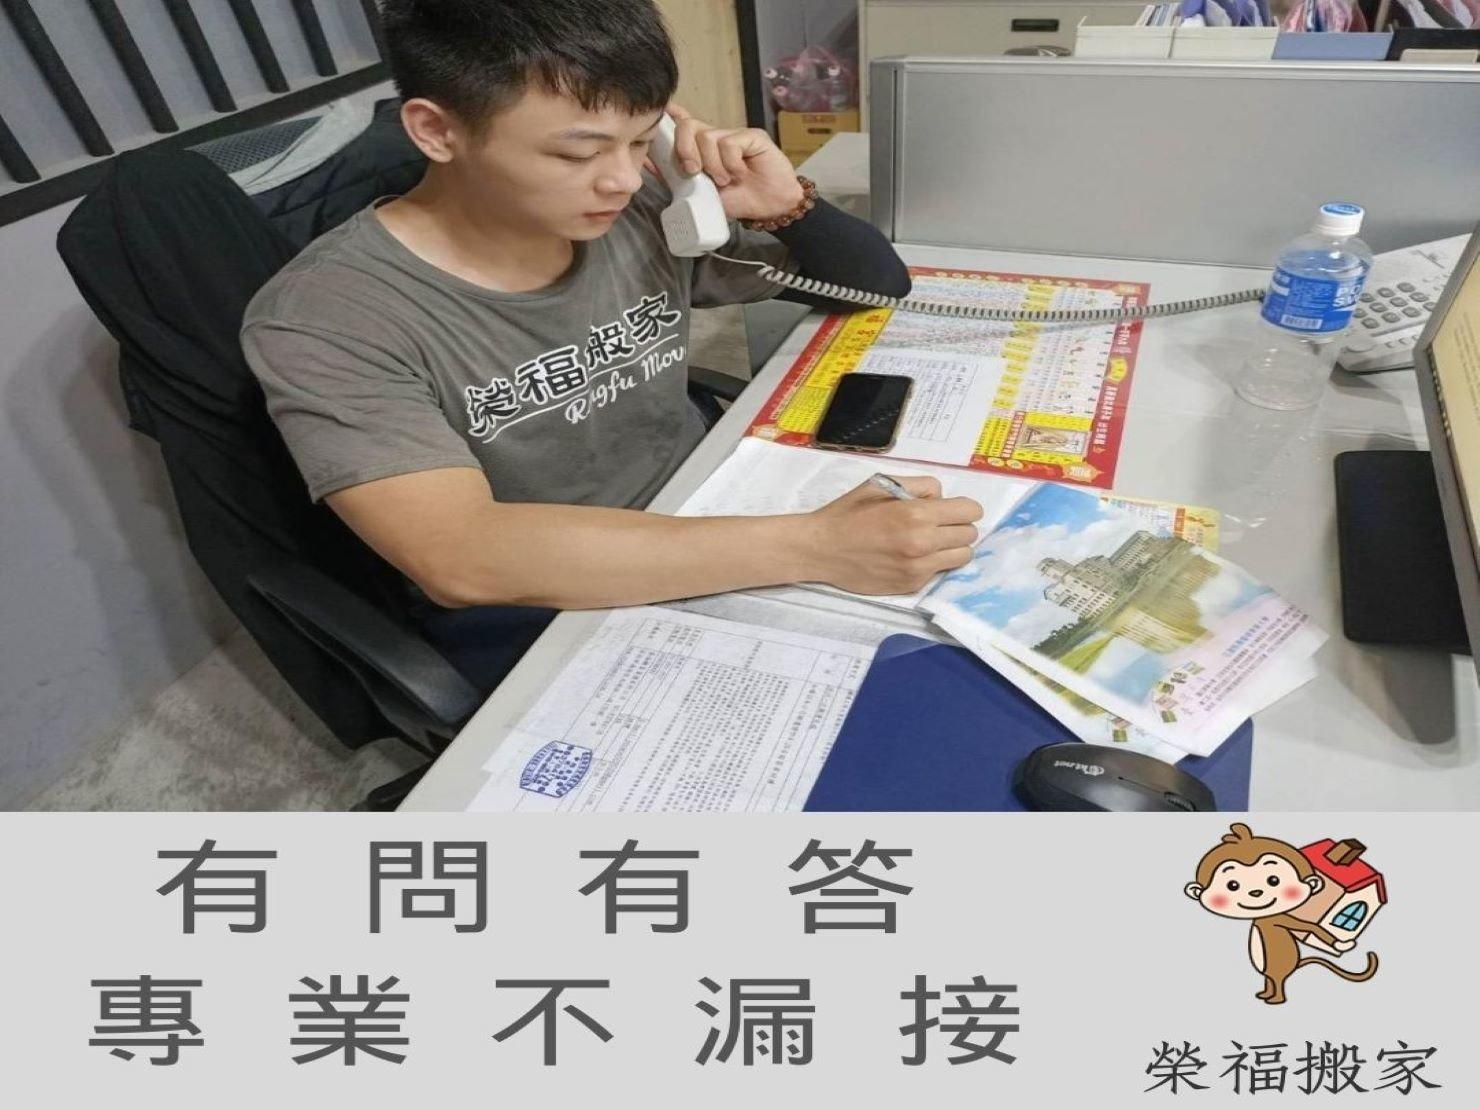 【搬家常見問題】線上客戶服務篇-台北搬家推薦